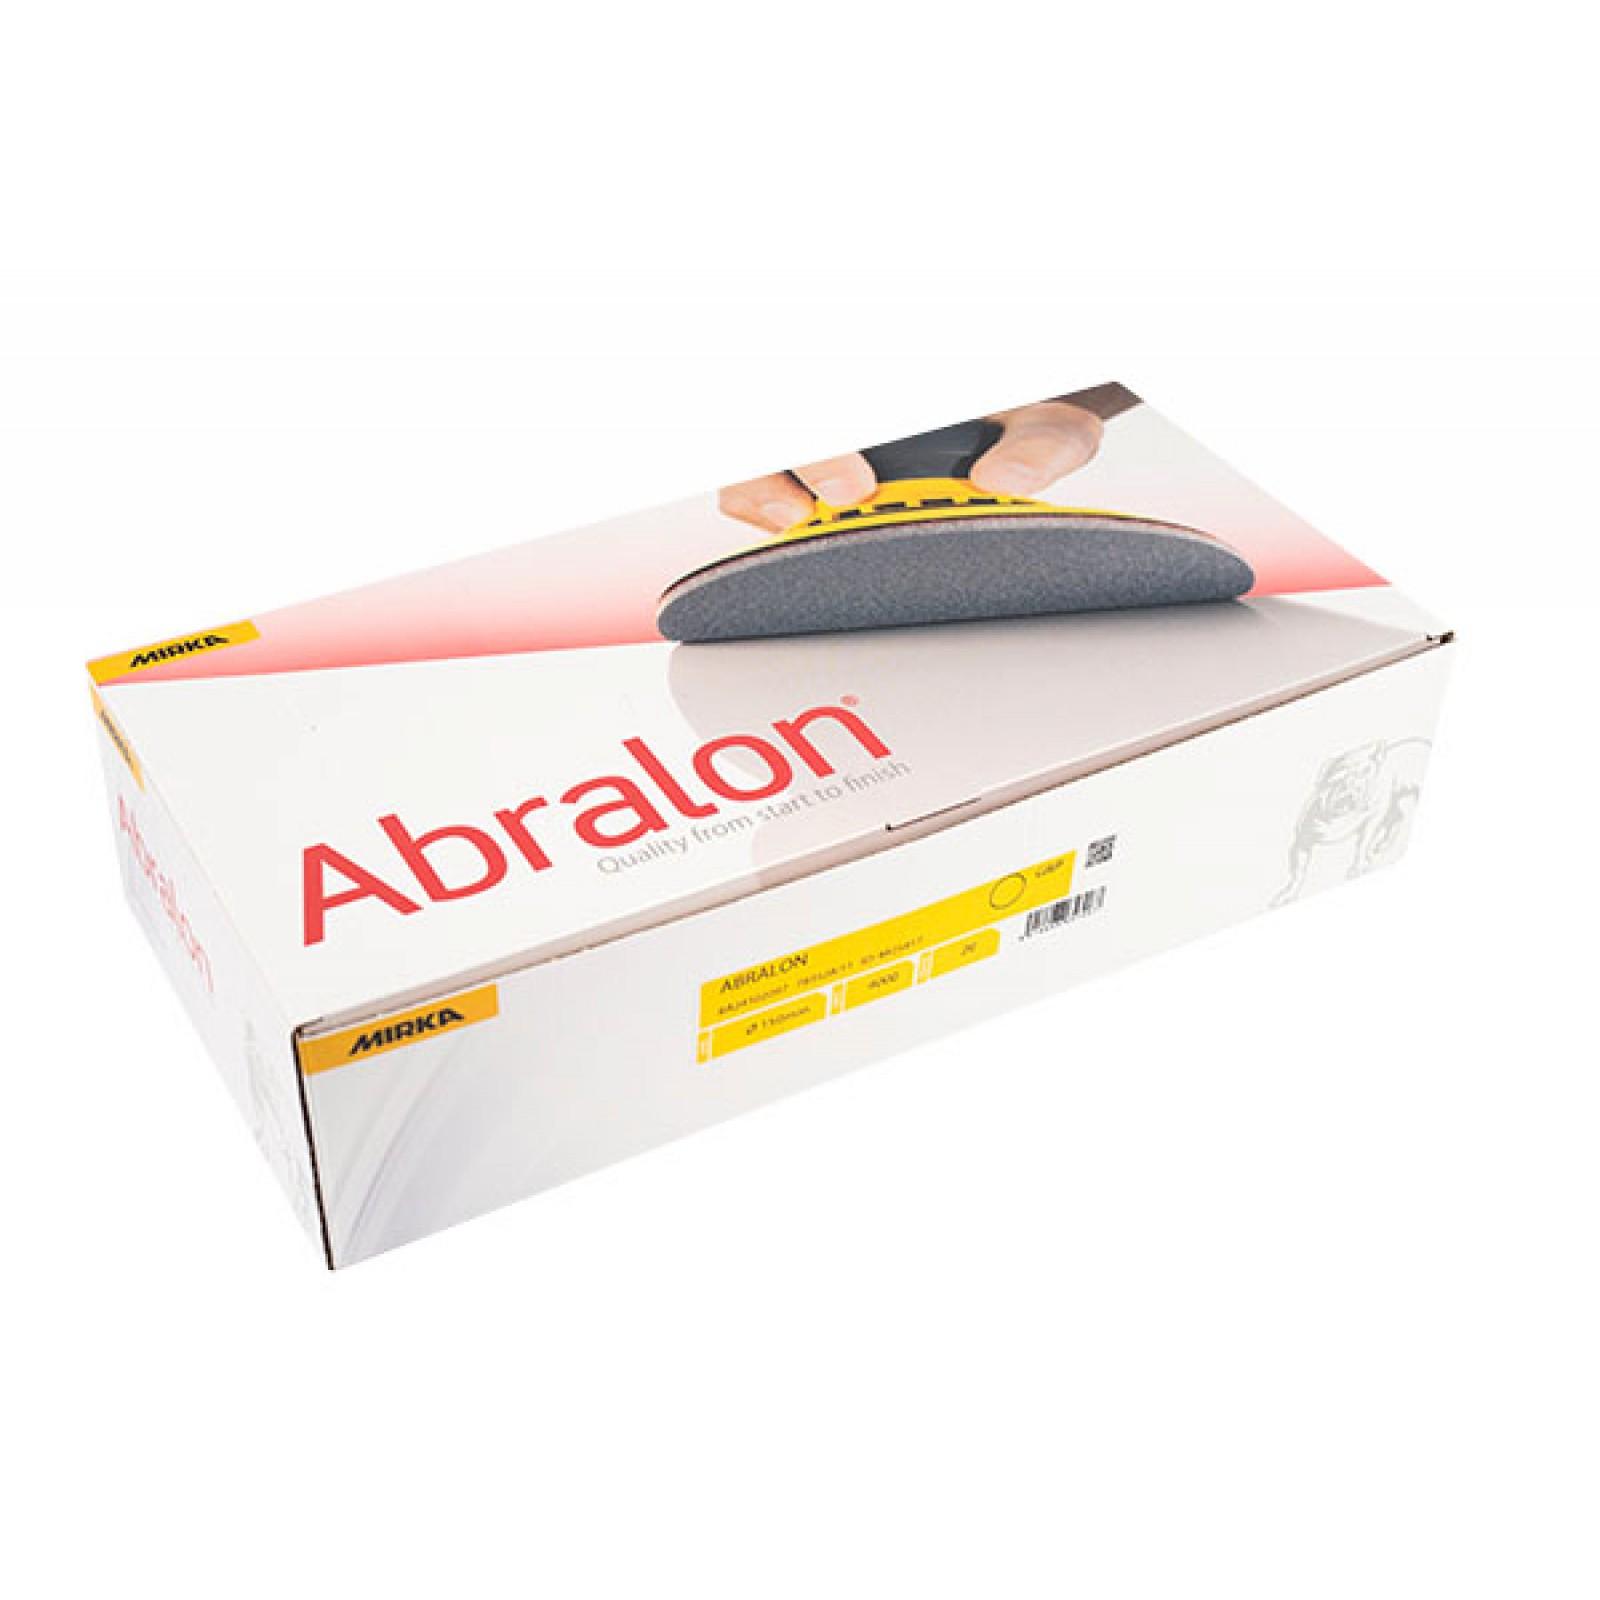 Abralon schuurschijven 150mm